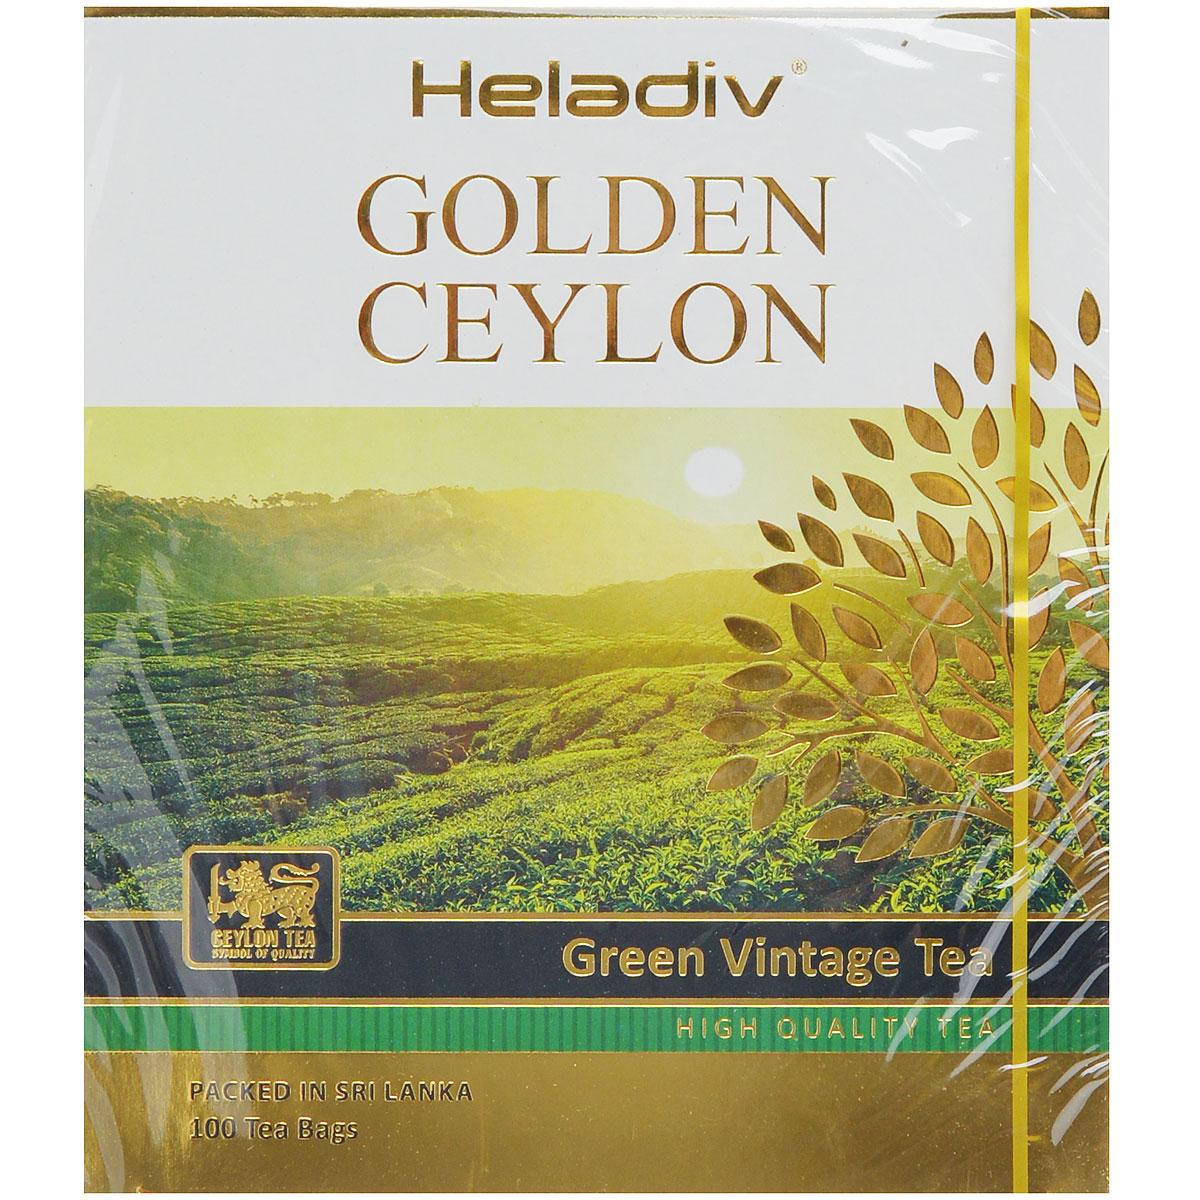 Heladiv Golden Ceylon Vintage Green зеленый пакетированный чай, 100 пакетиков0120710Heladiv Golden Ceylon Vintage Green - зеленый цейлонский чай в пакетиках для разовой заварки.